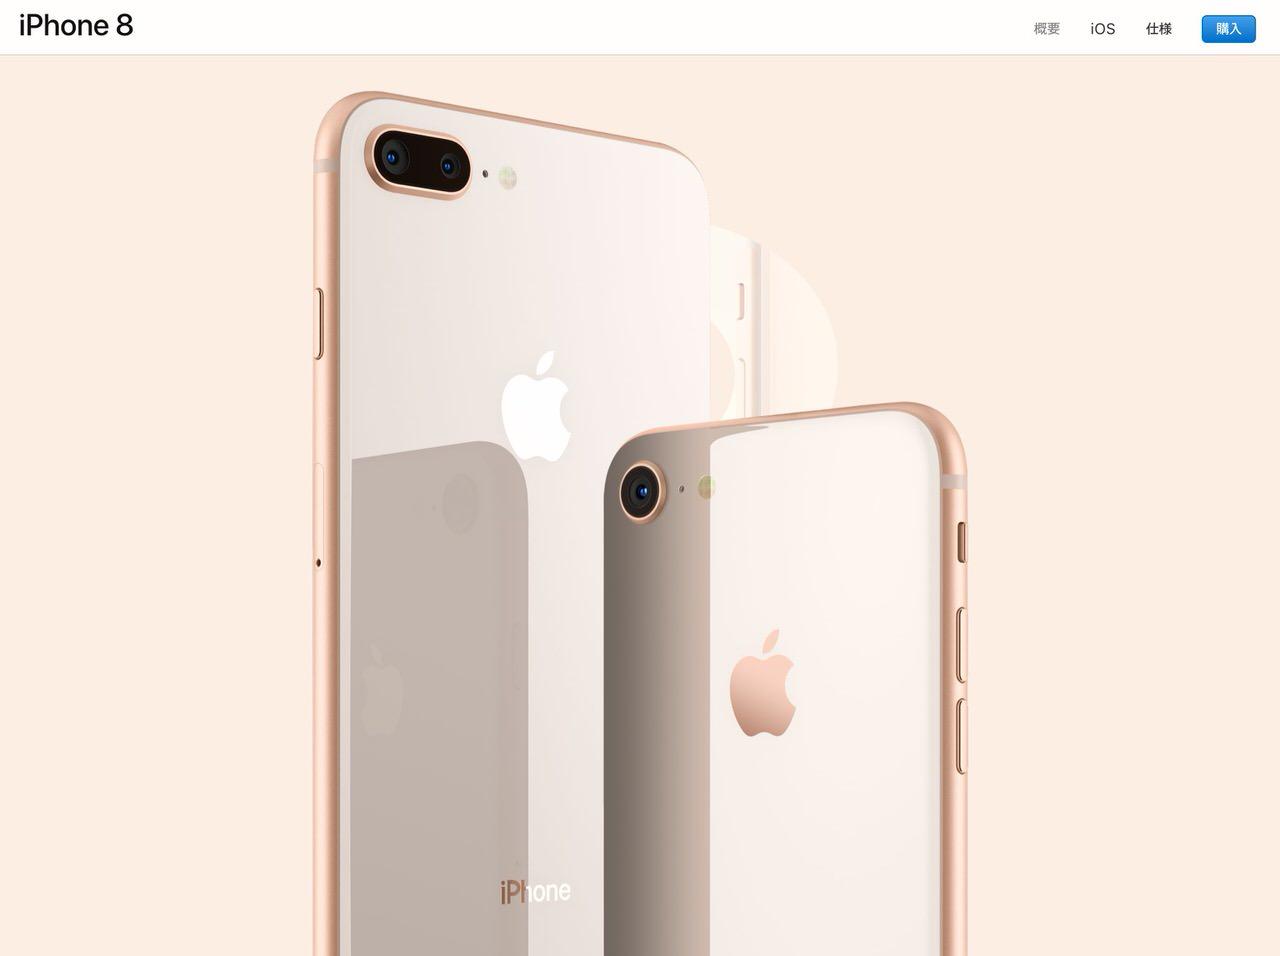 2017年第4四半期、iPhone 8はiPhone Xよりも売れていた